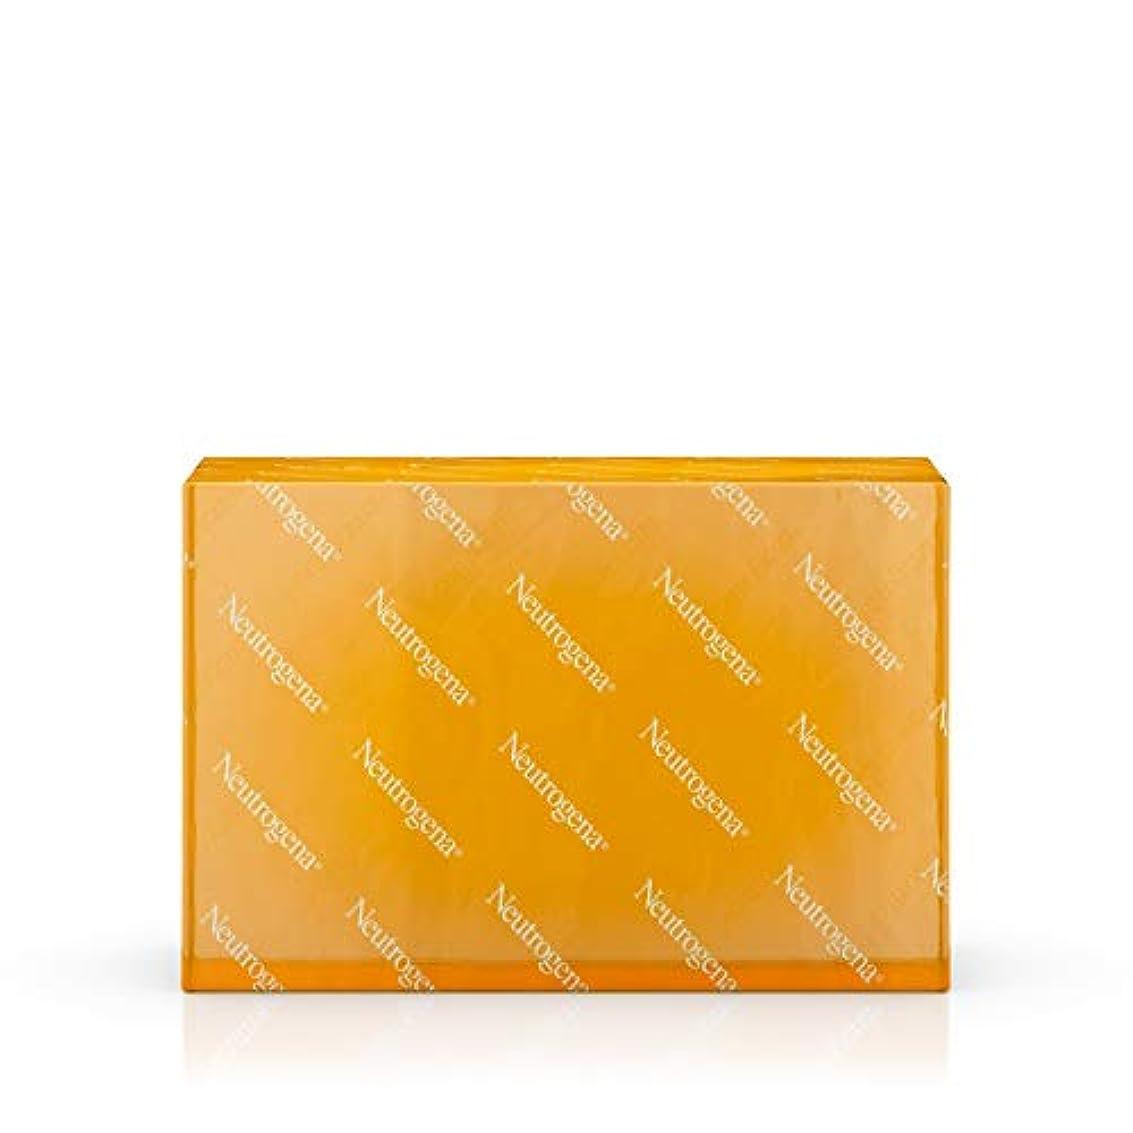 マーク無効にする癌海外直送品 Neutrogena Neutrogena Transparent Facial Bar Soap Fragrance Free, Fragrance Free 3.5 oz